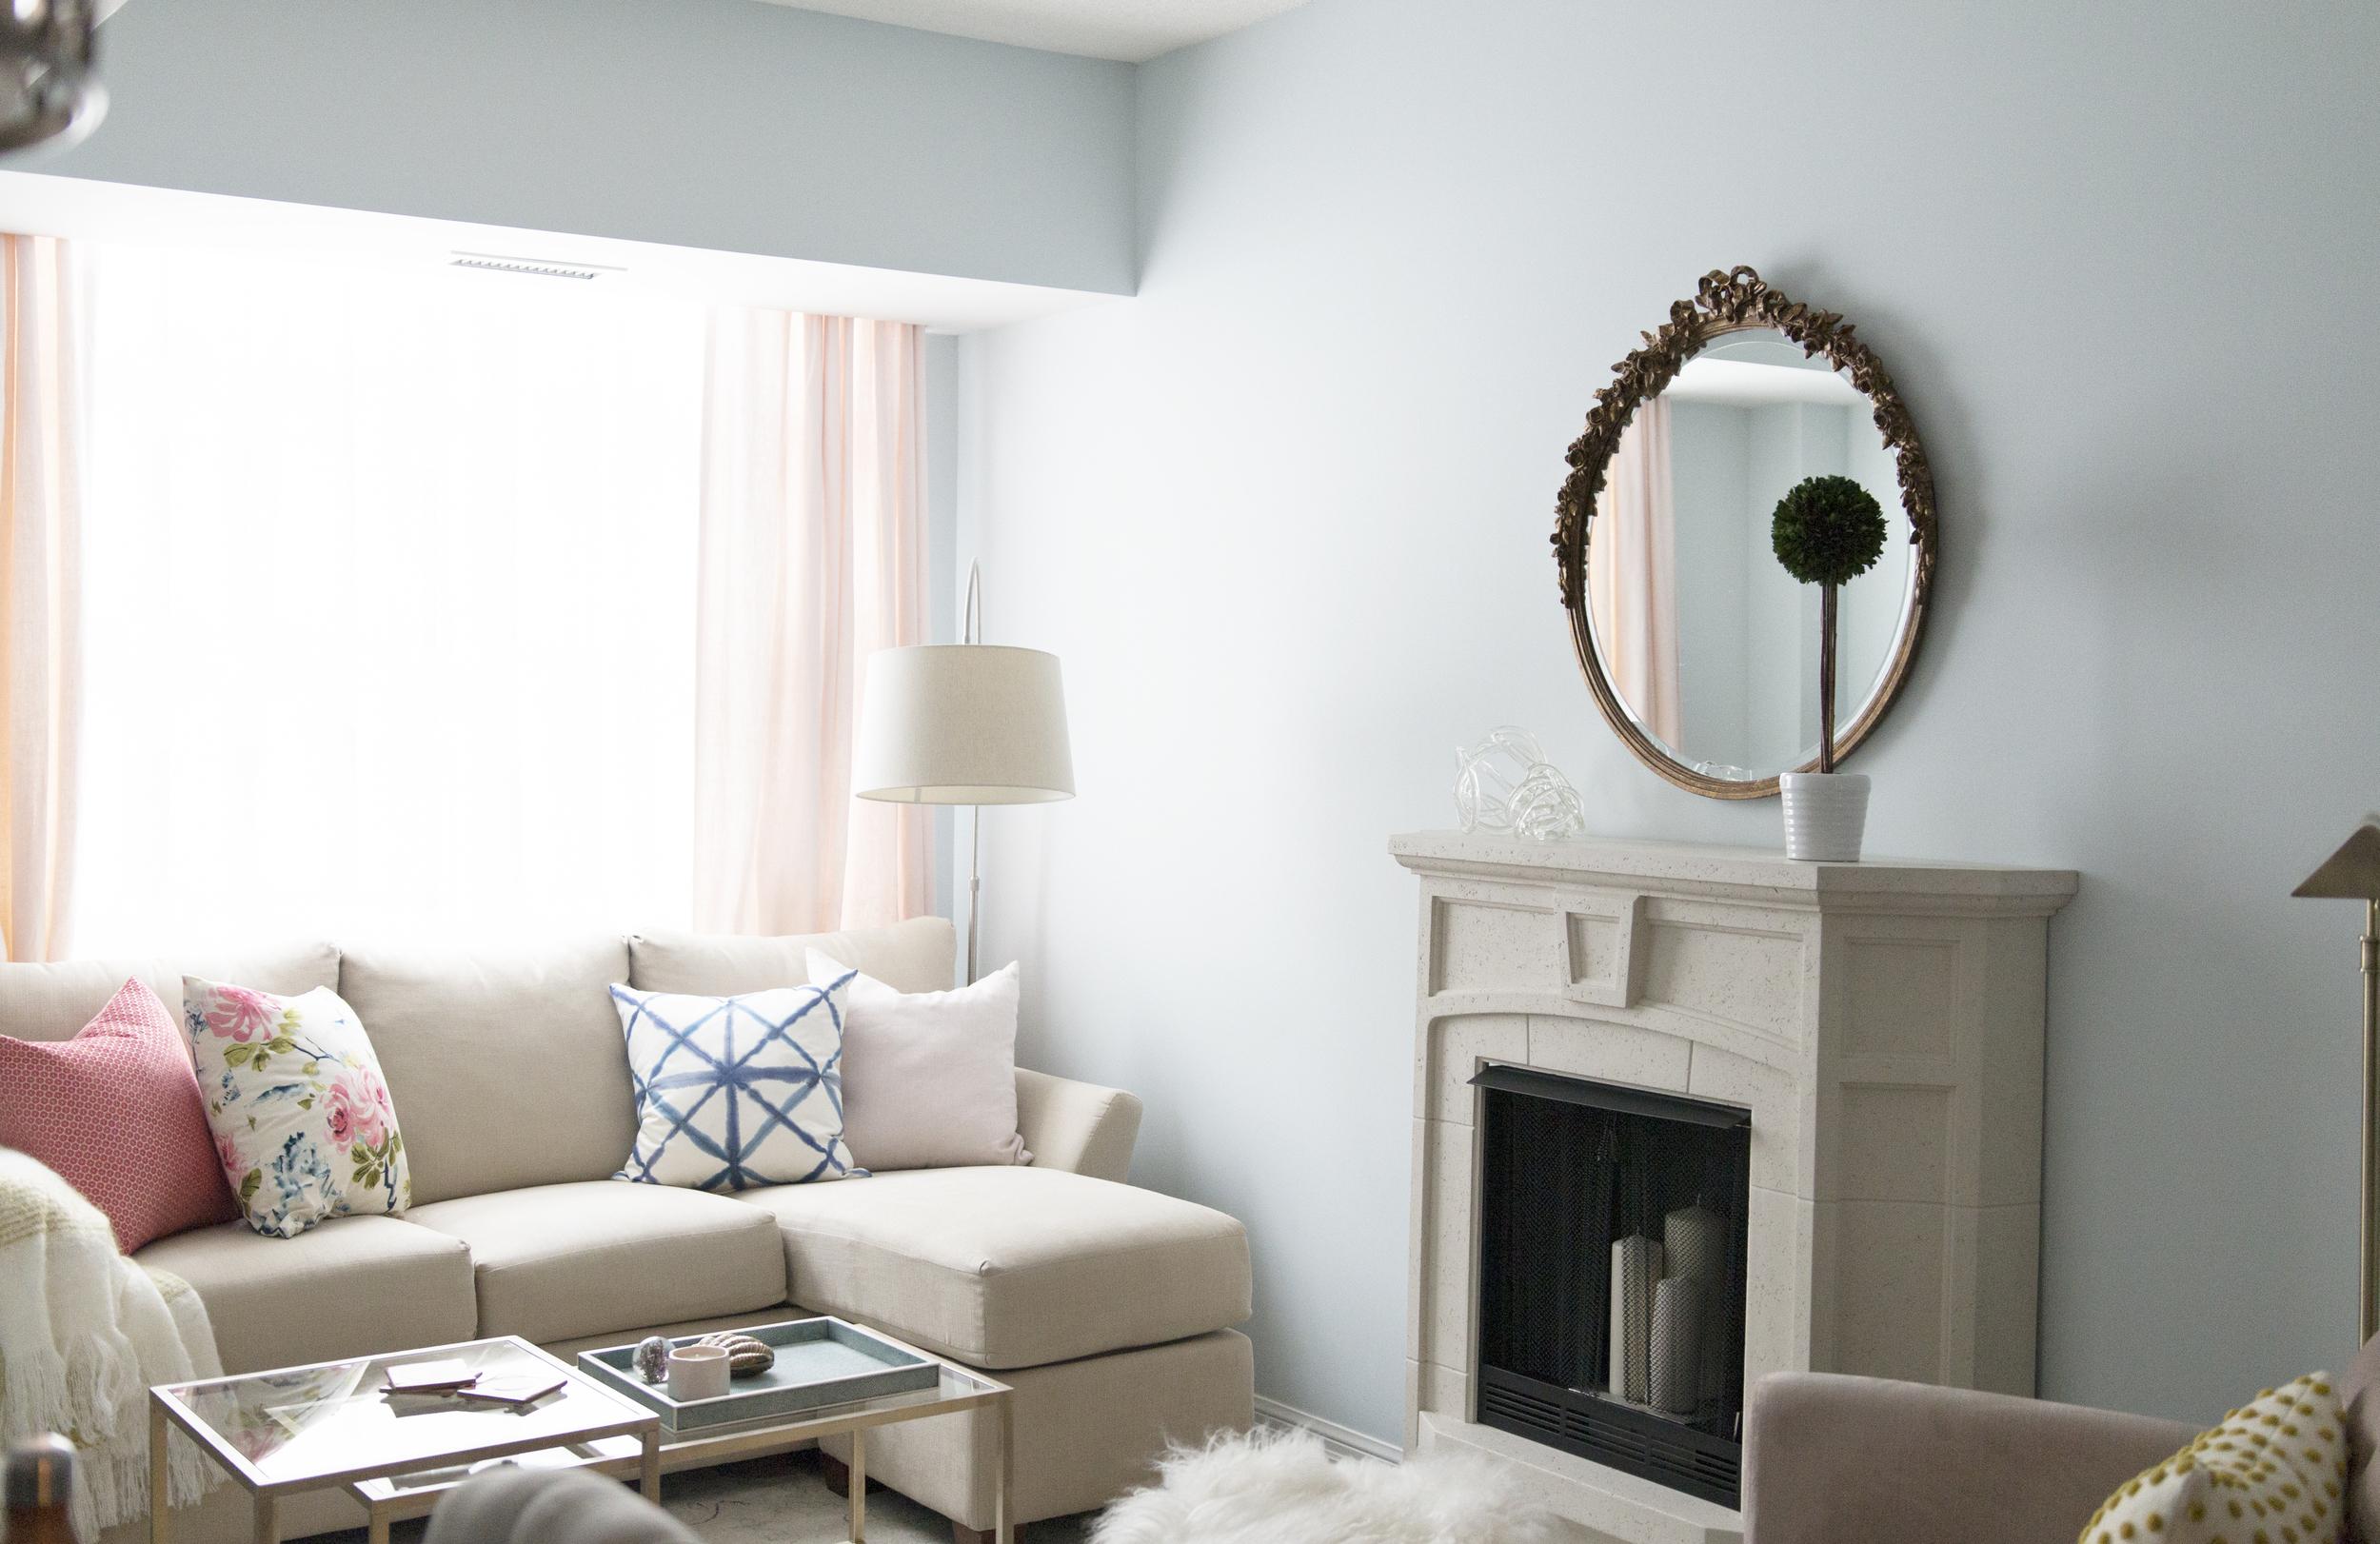 Livingroom3 copy.jpg